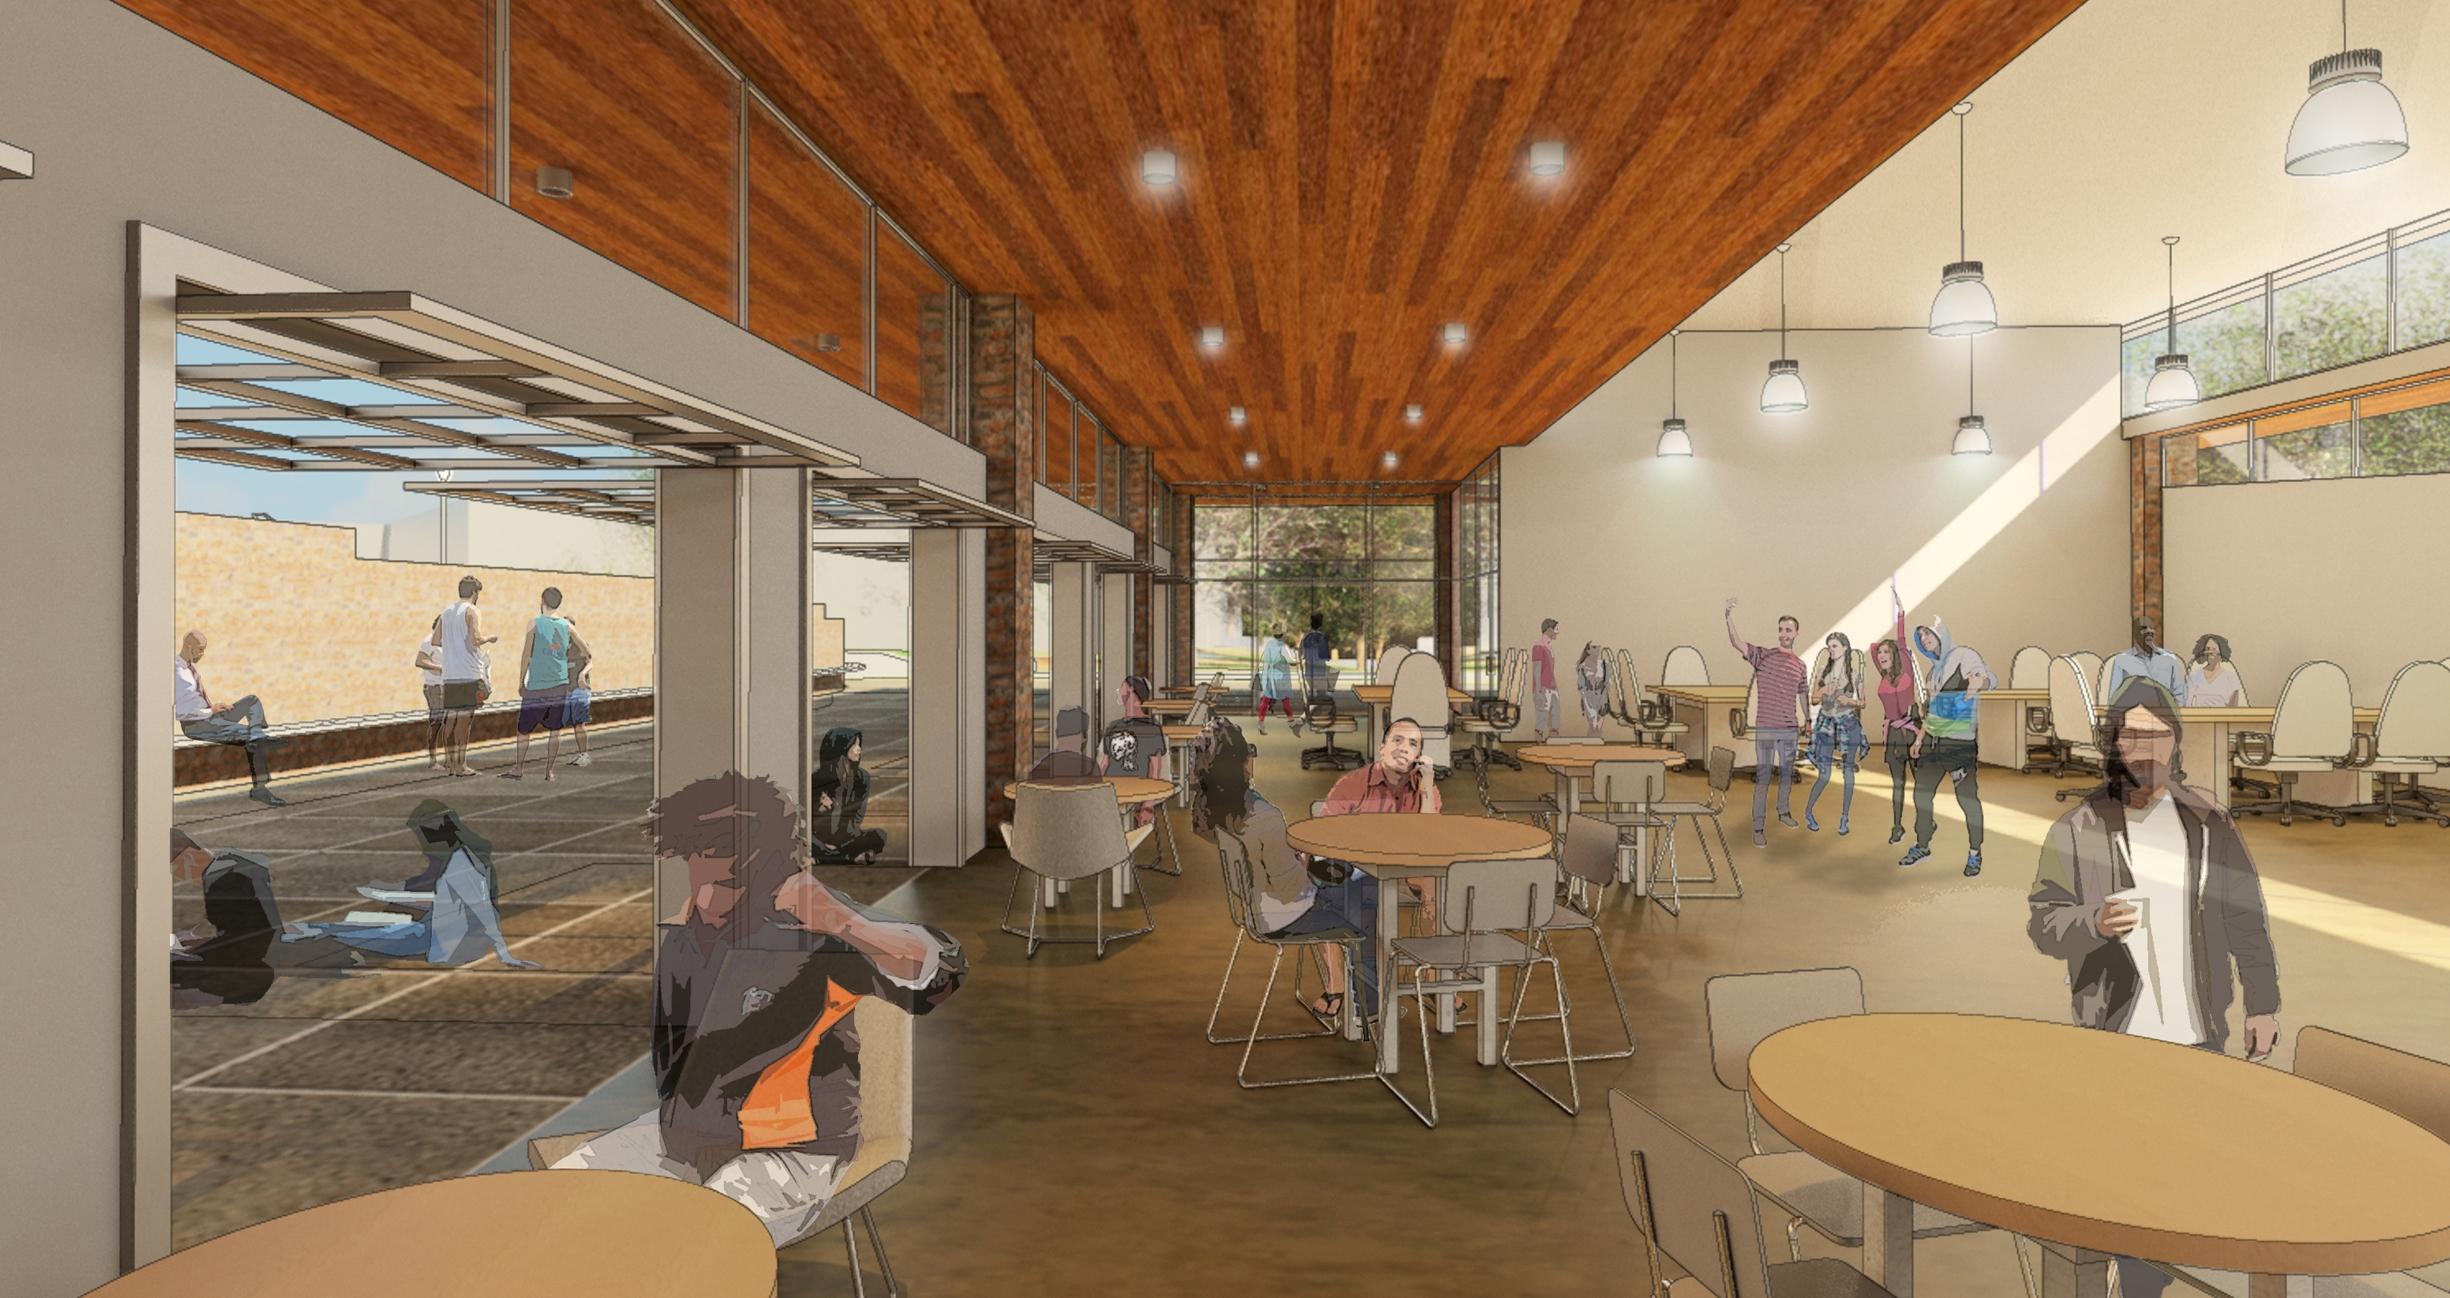 Penn State York – Graham Center (Preliminary Concept)